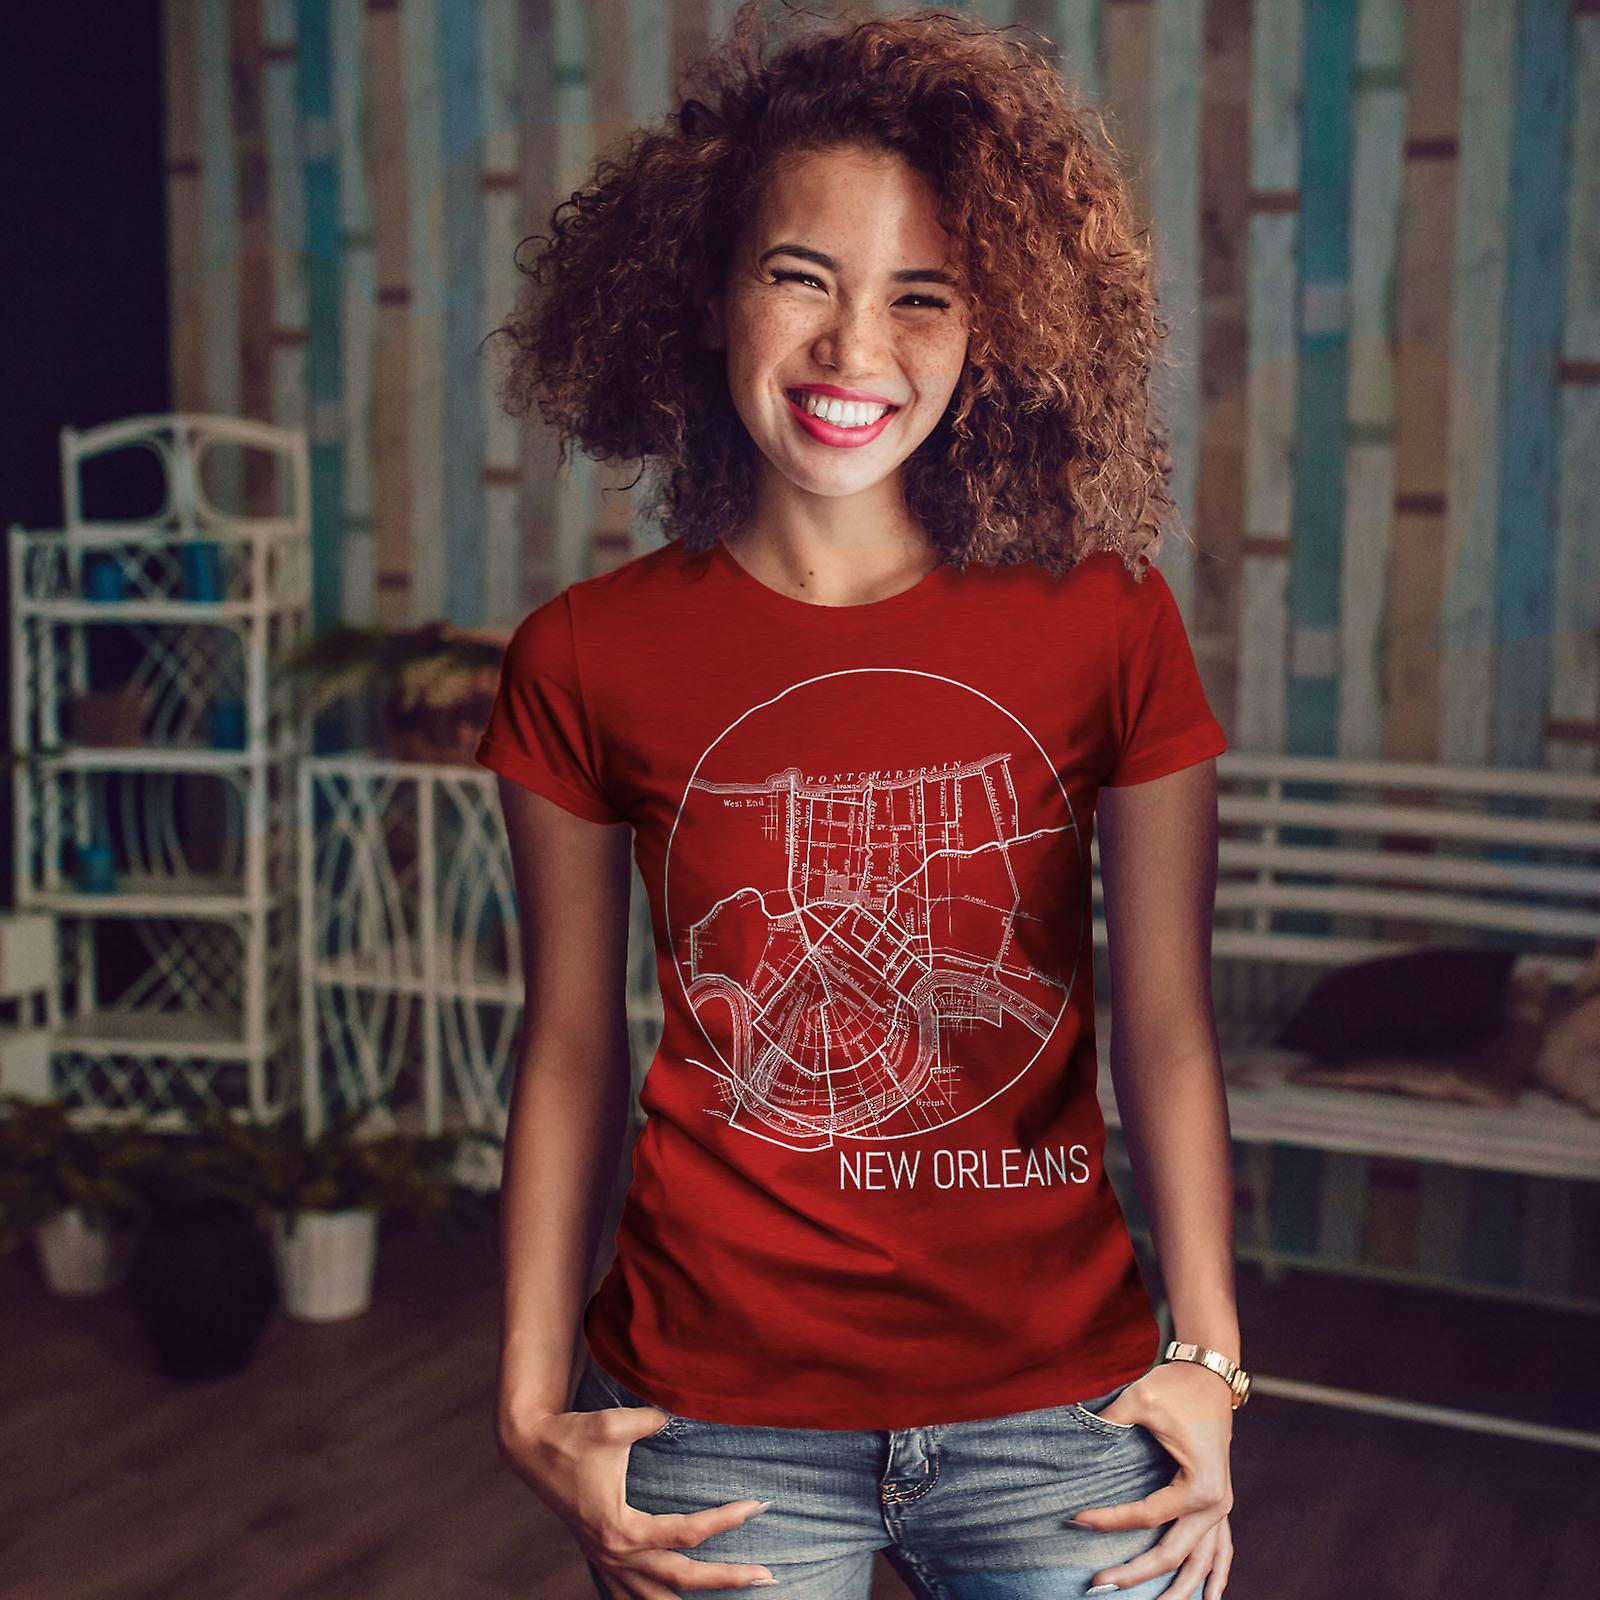 L'Amérique New Orleans RedT-chemise femme | Wellcoda